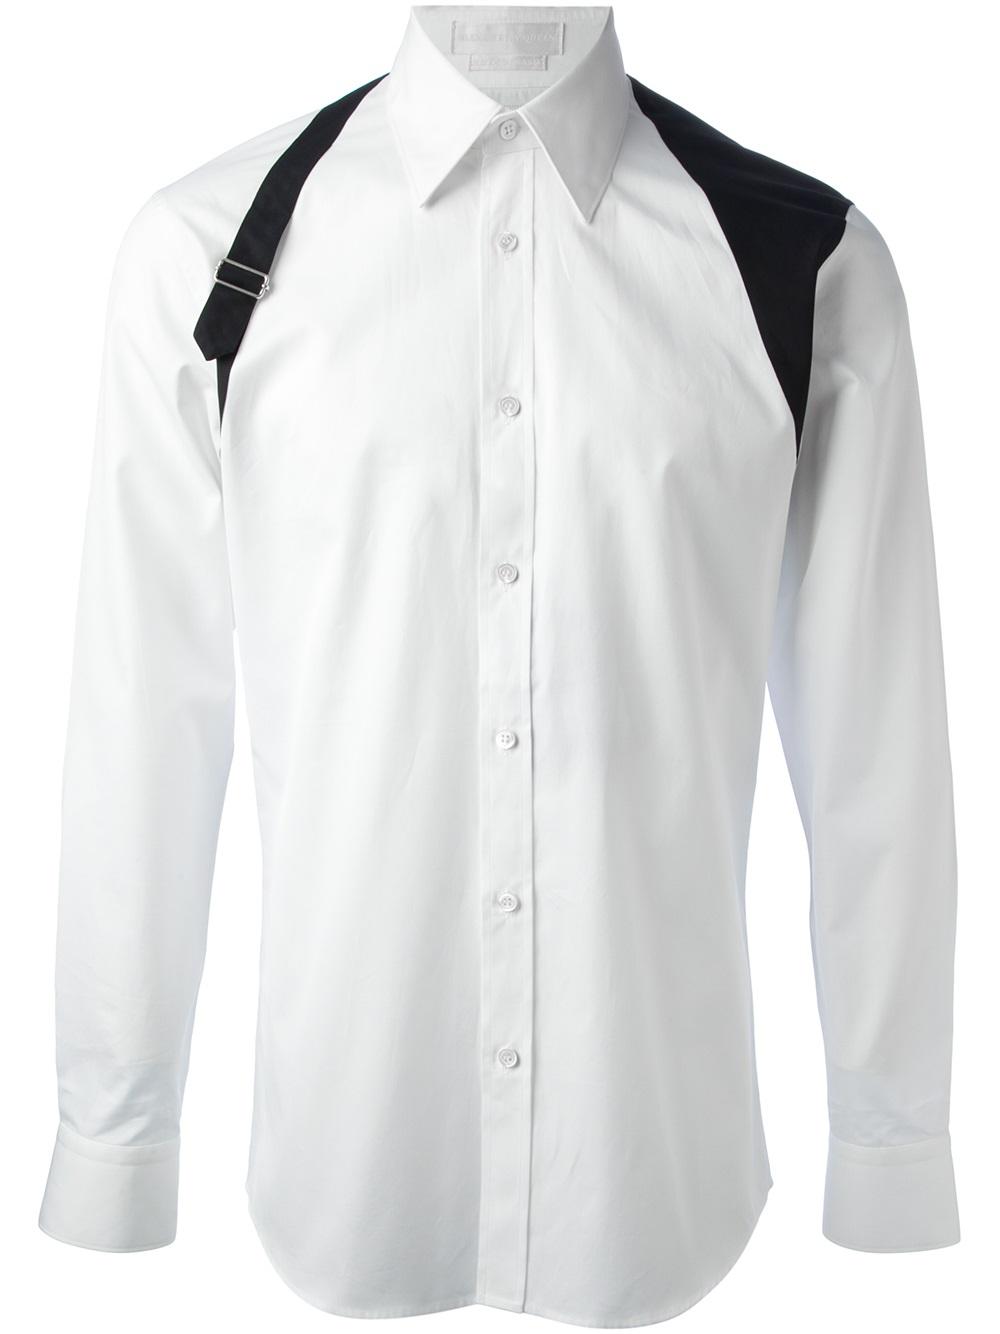 Lyst alexander mcqueen harness detail shirt in white for men for Alexander mcqueen shirt men